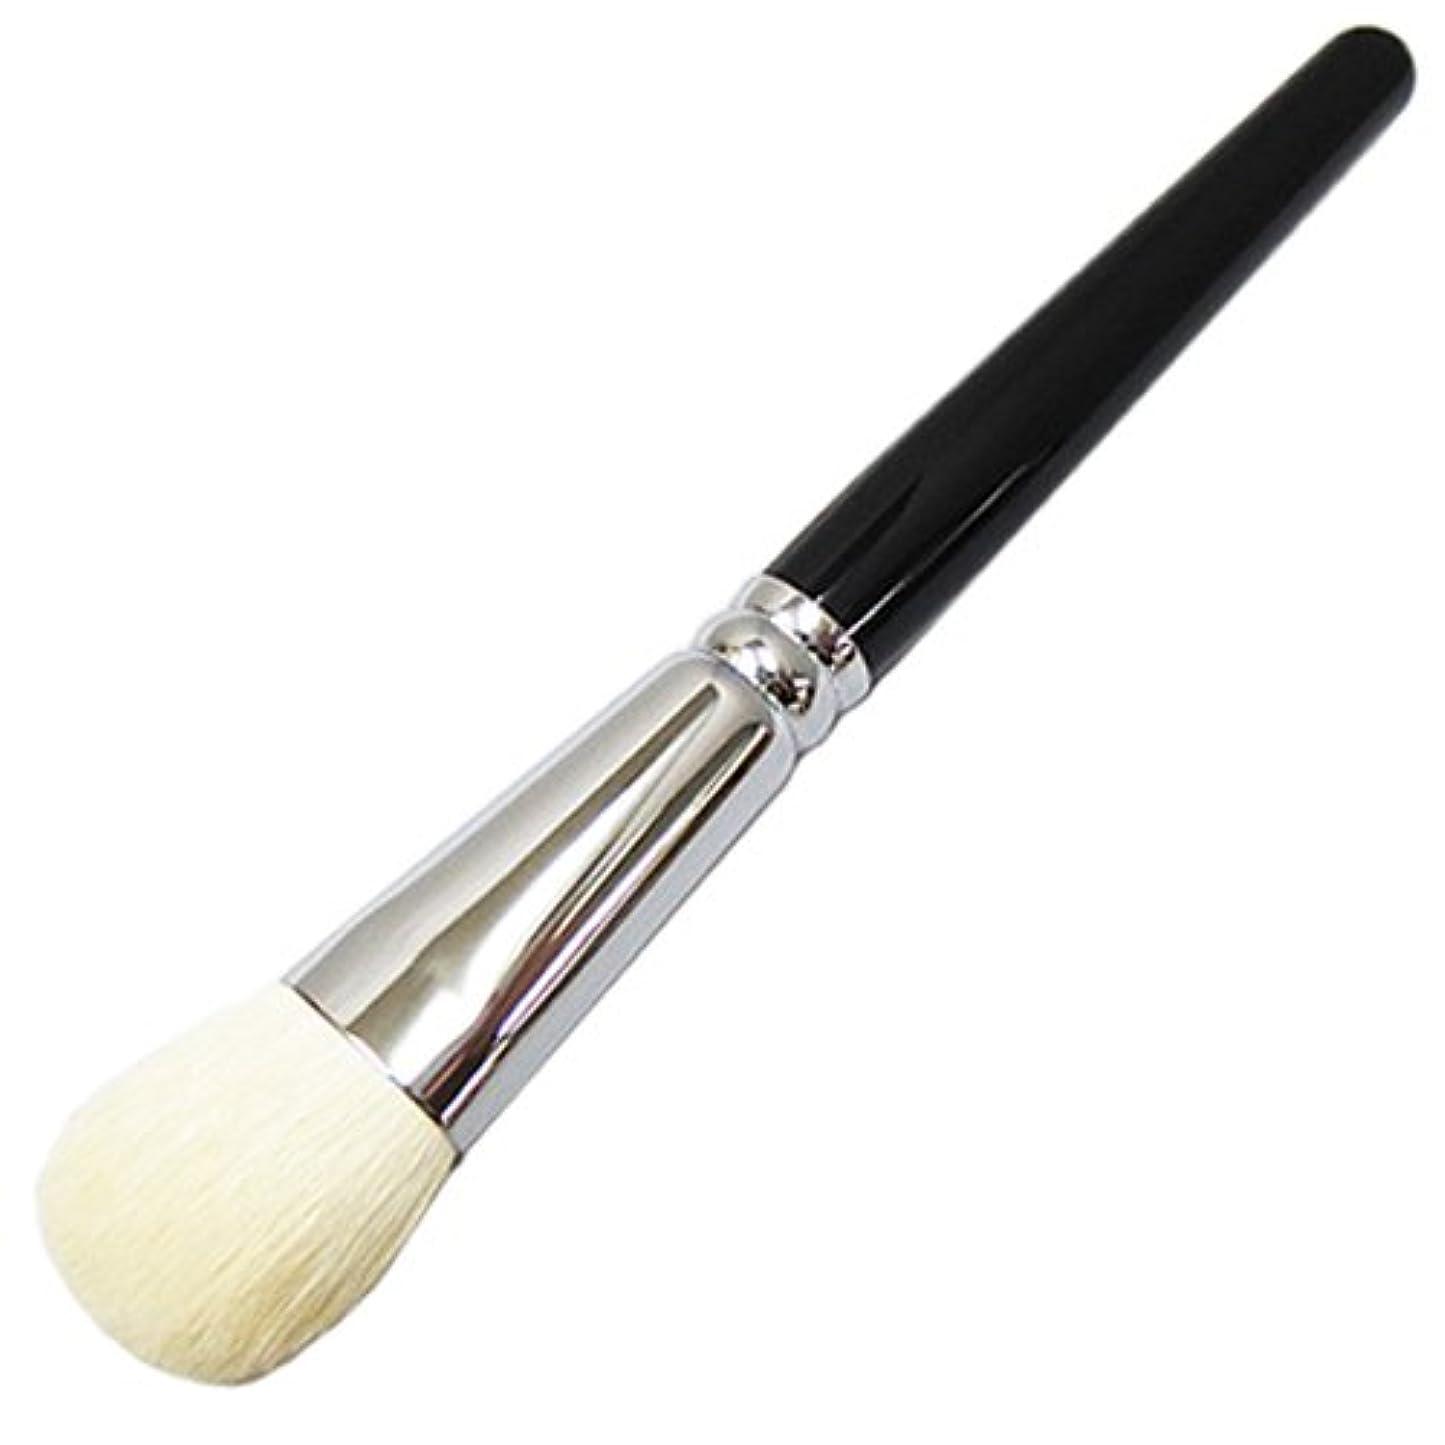 シャイ転用吐く熊野の華粧筆 リキッドファンデーションブラシ